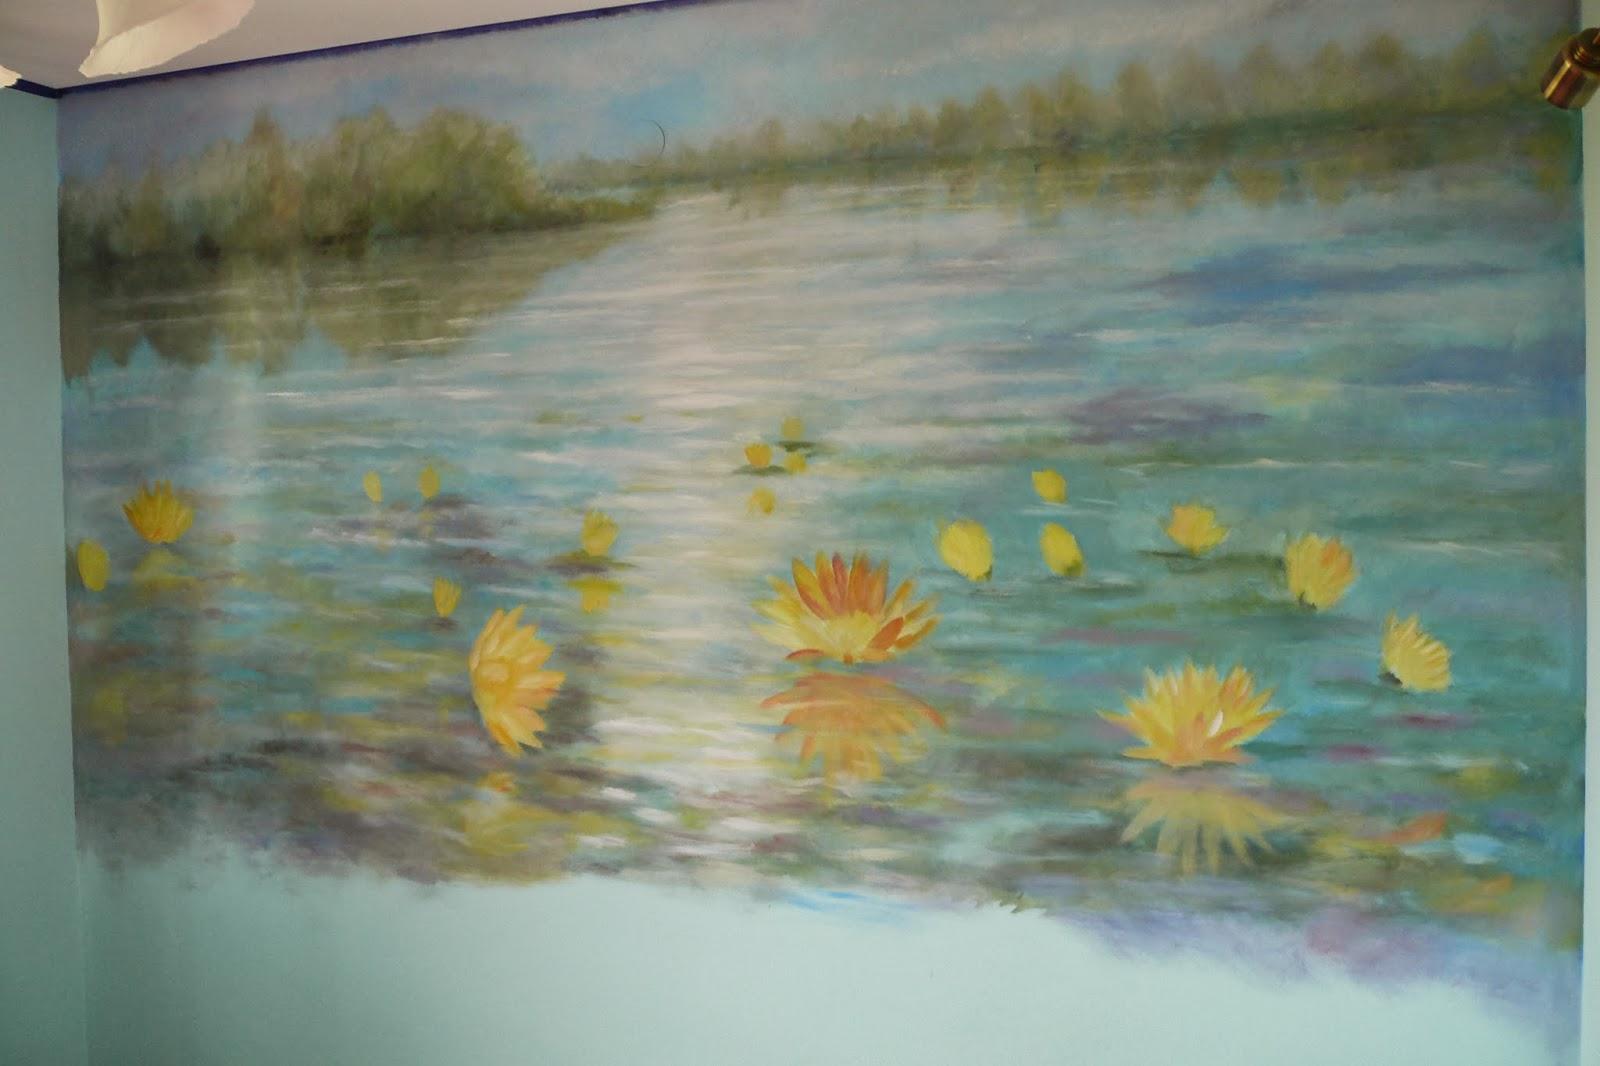 Malowanie obrazu w sypialni bezpośrednio na ścianie, malarstwo ścienne